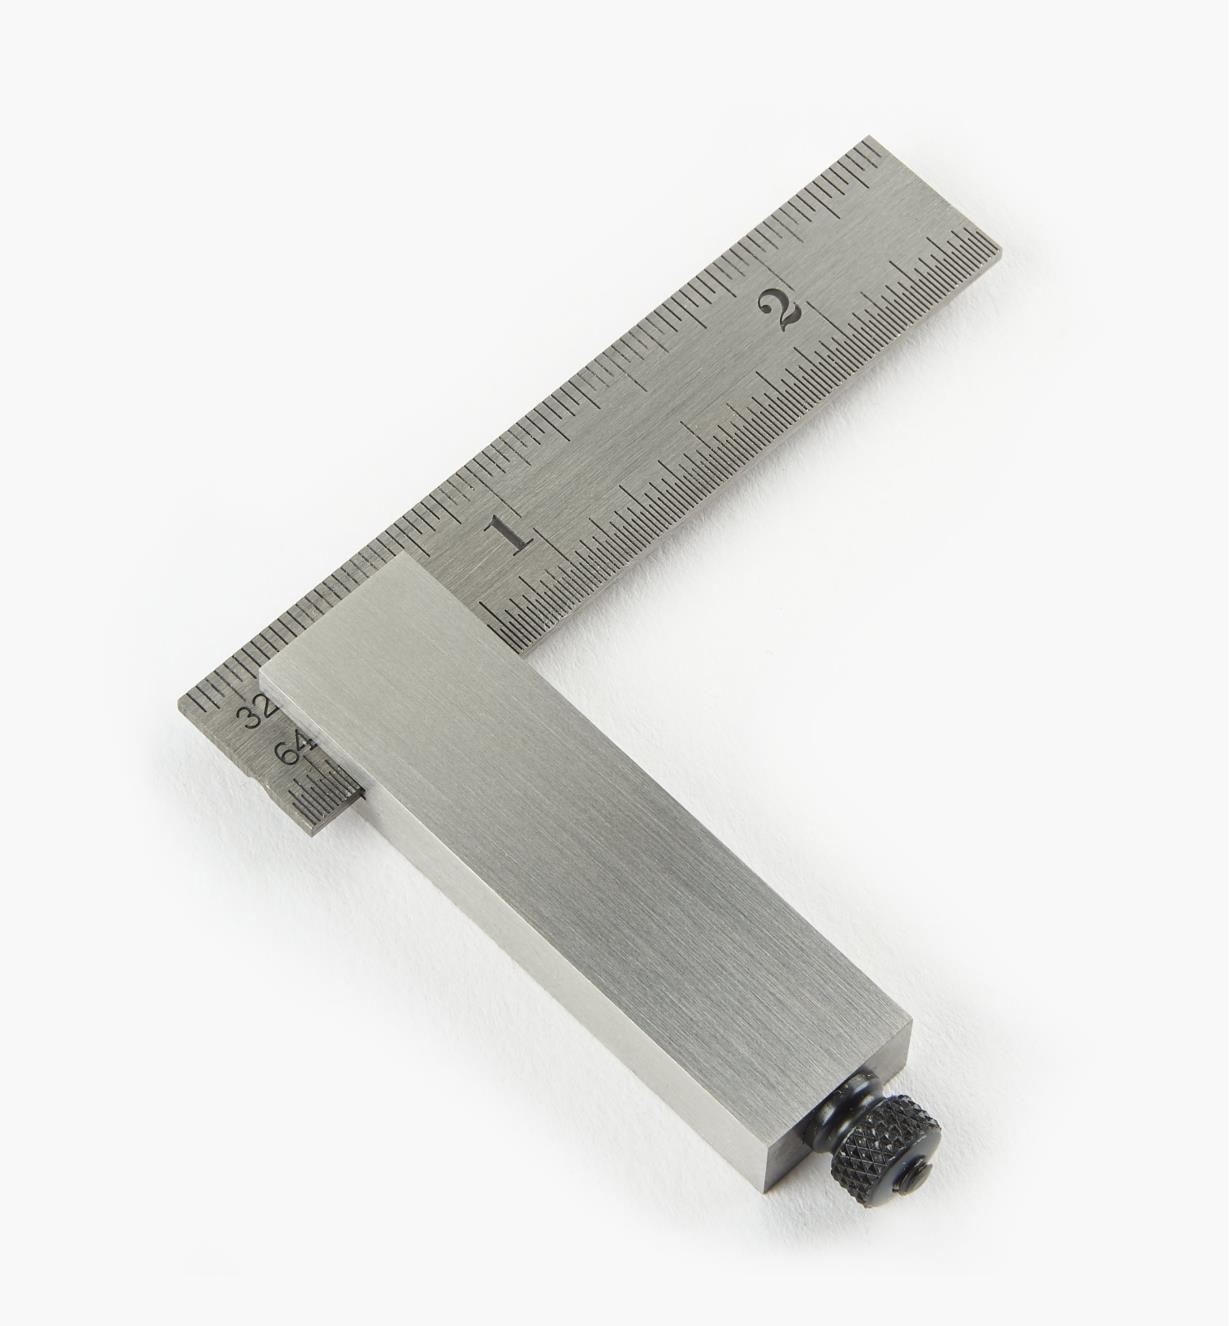 30N2910 - Équerre réglable de précision en acier Starrett, mesures impériales